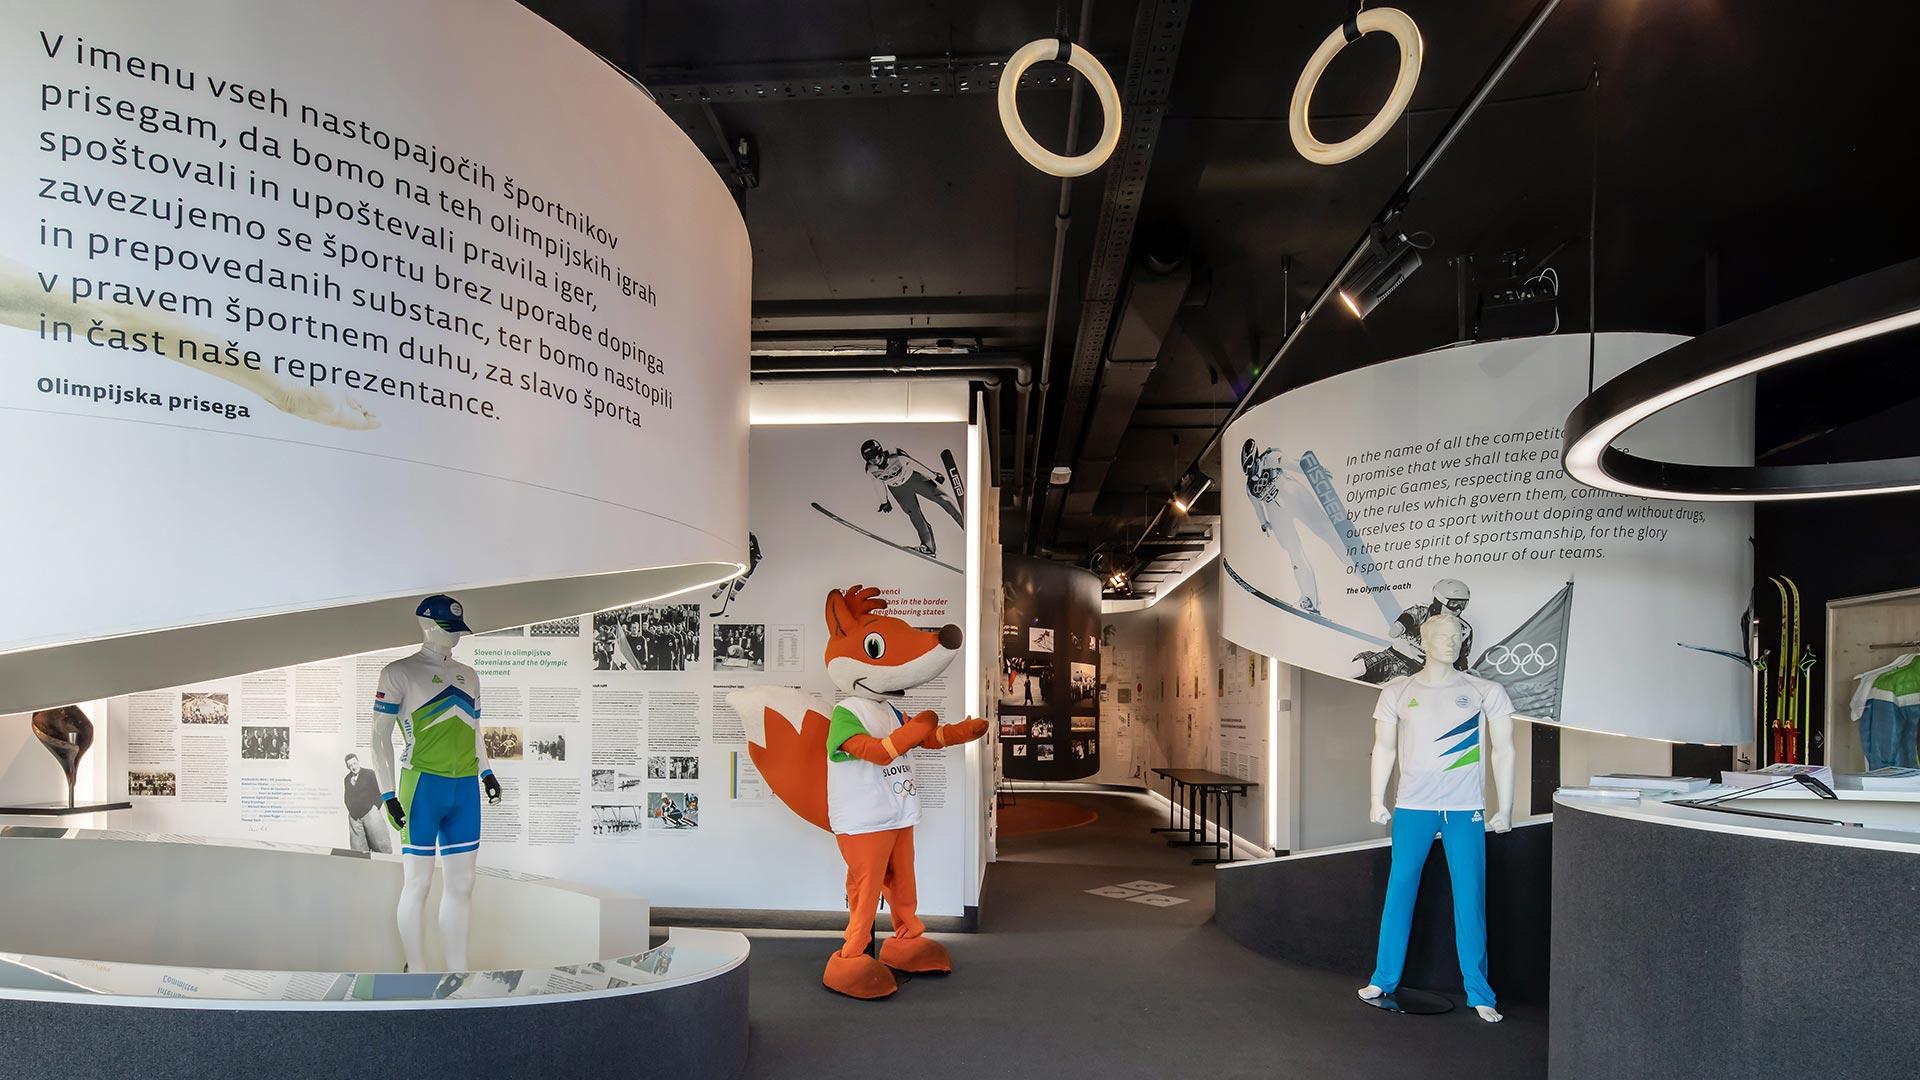 Slovenski olimpijski izobraževalni center